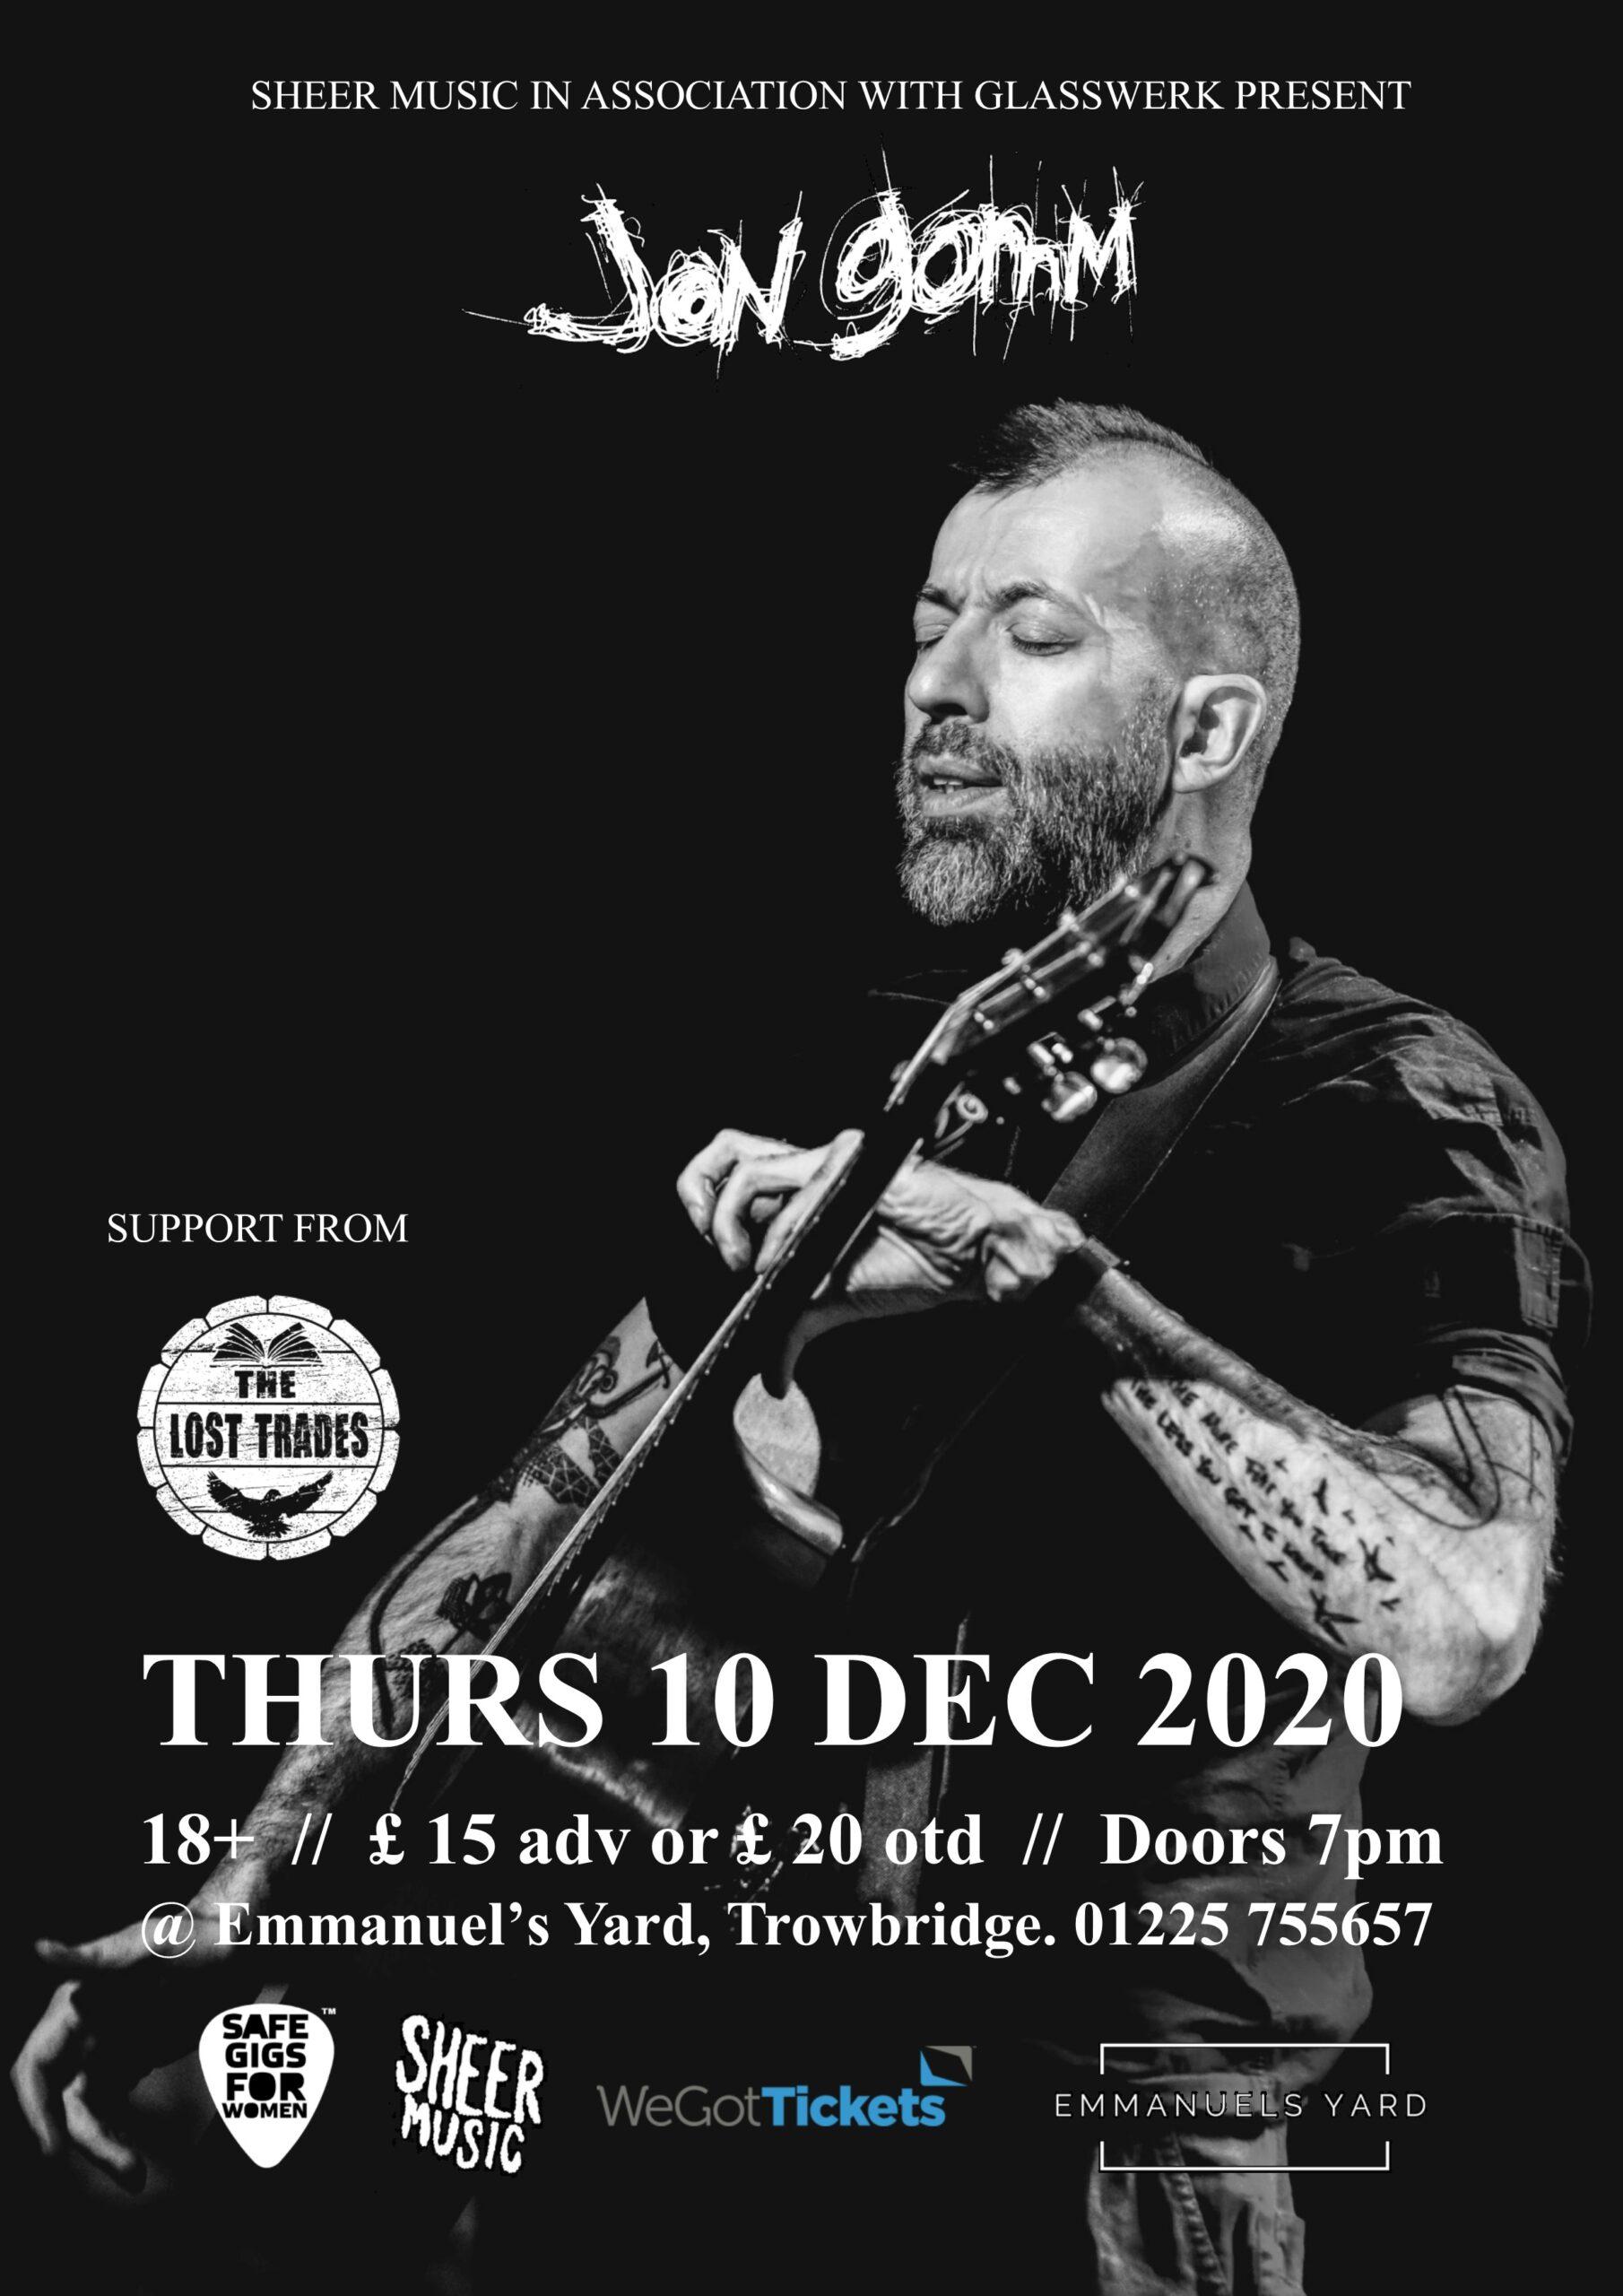 Jon Gomm @ Emmanuel's Yard – Thursday 10th December 2020